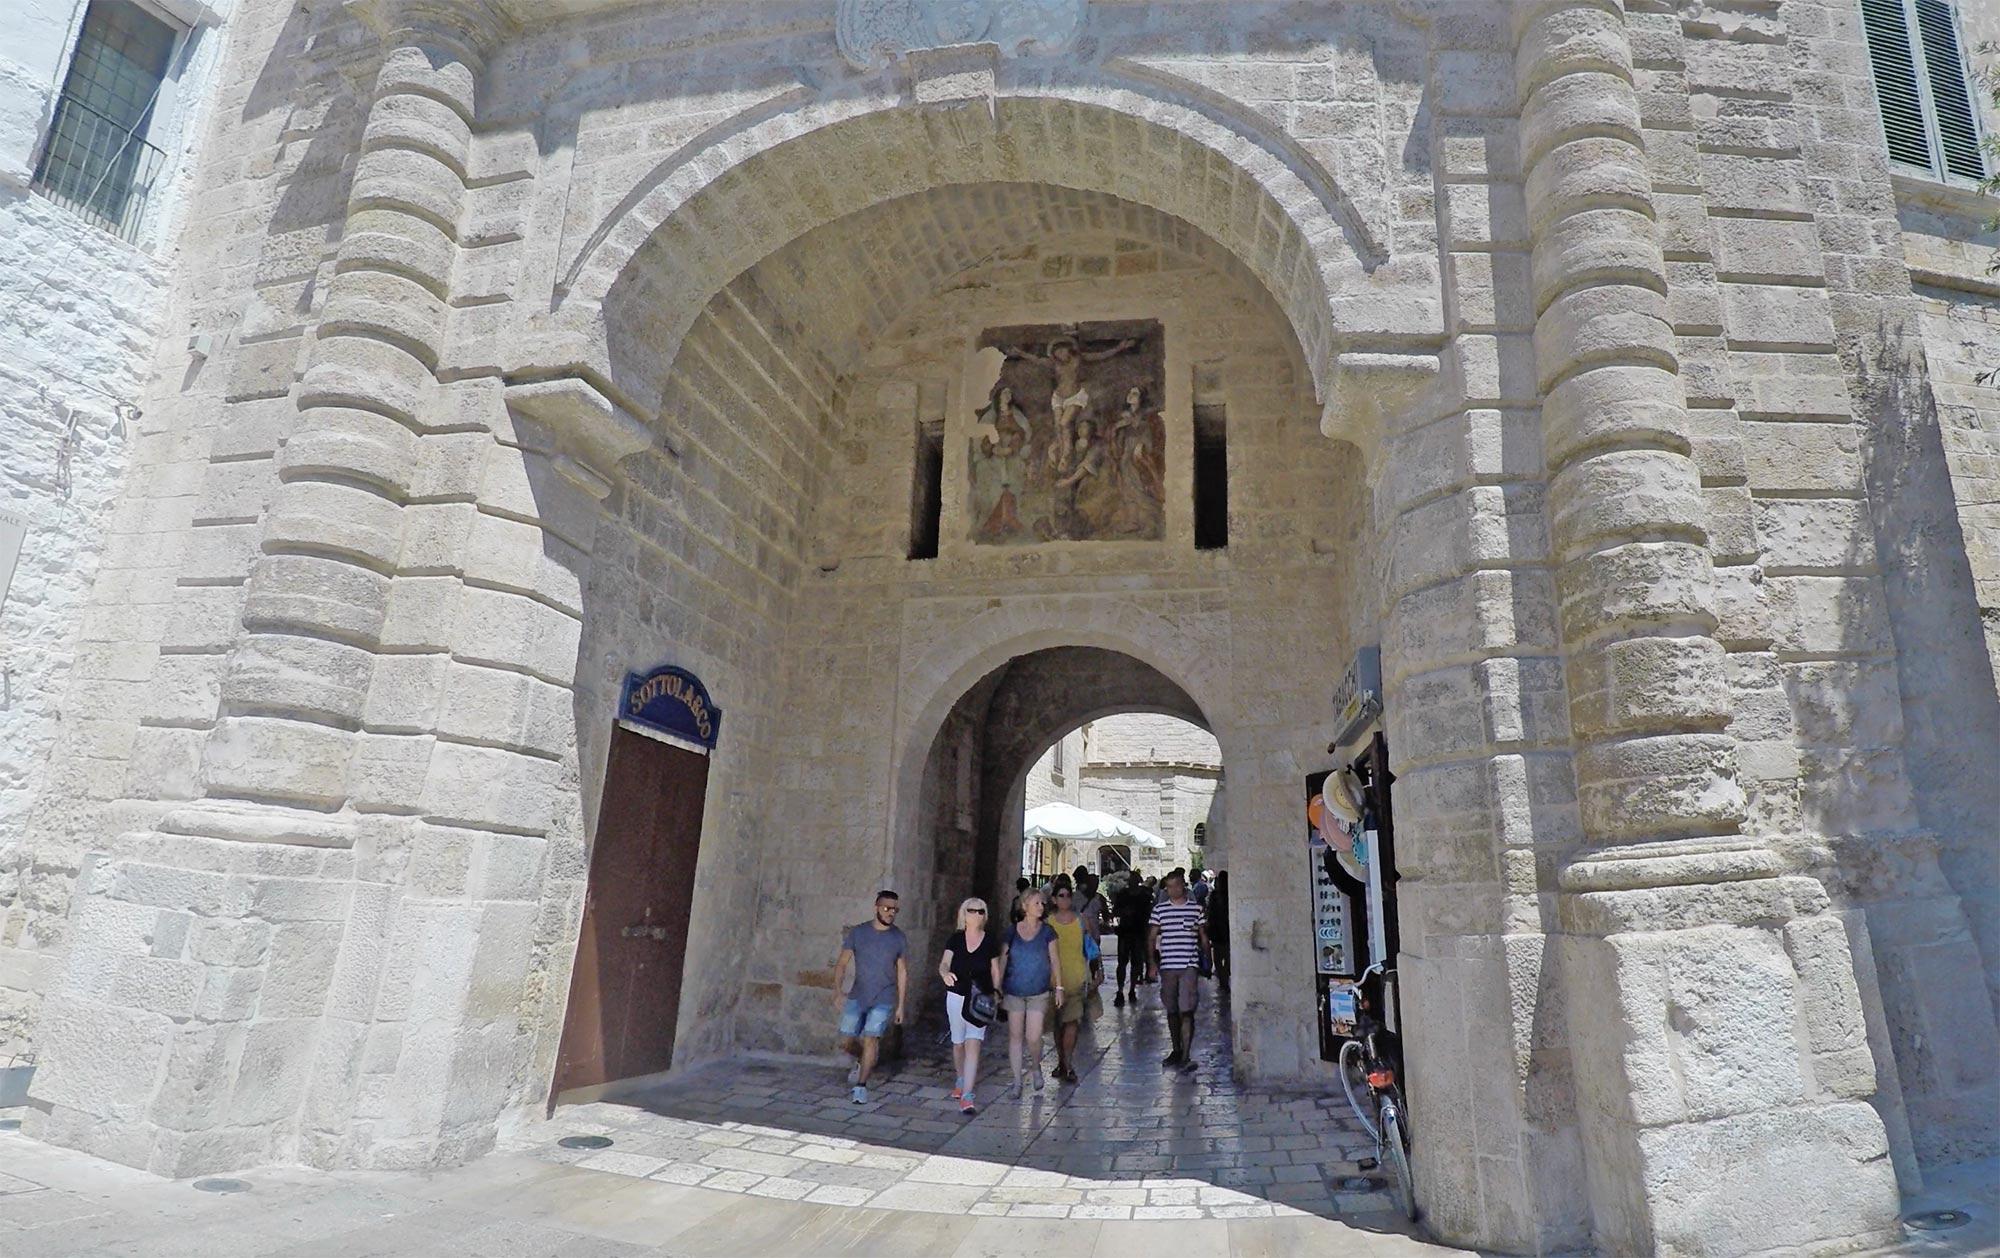 L'Arco Marchesale